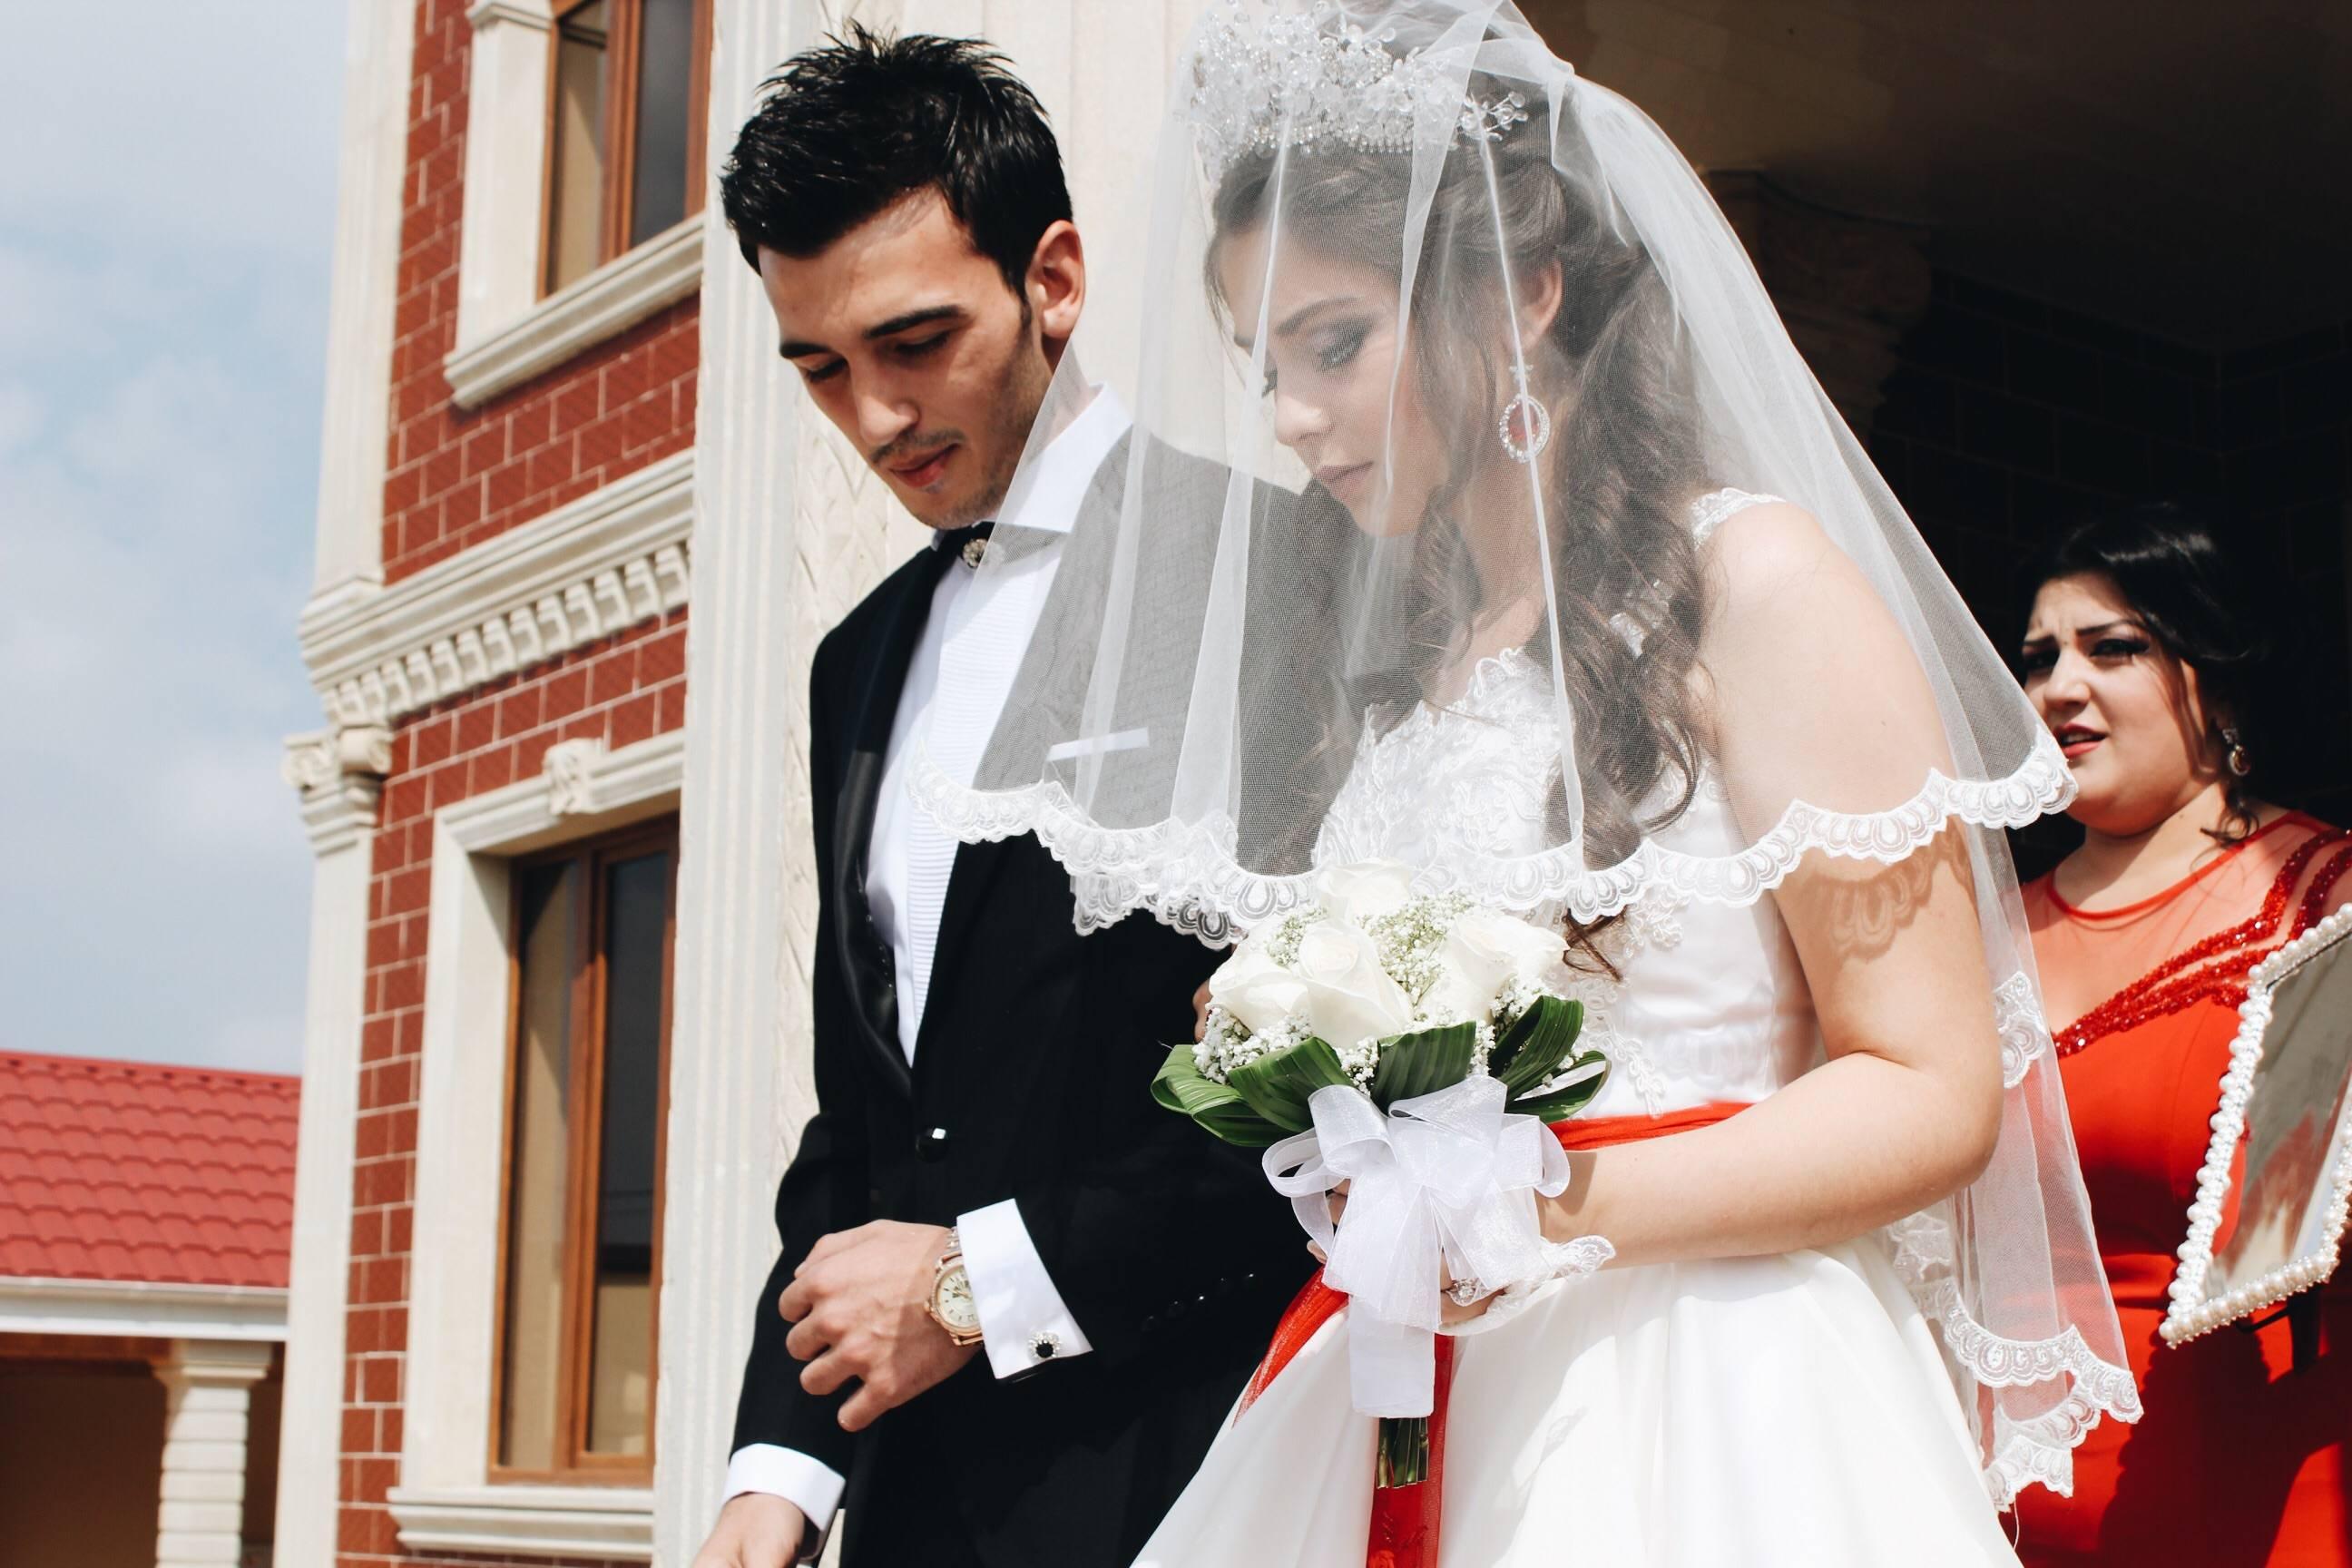 Свадьба в турции - как проходит официальная и символическая церемония, фото и видео